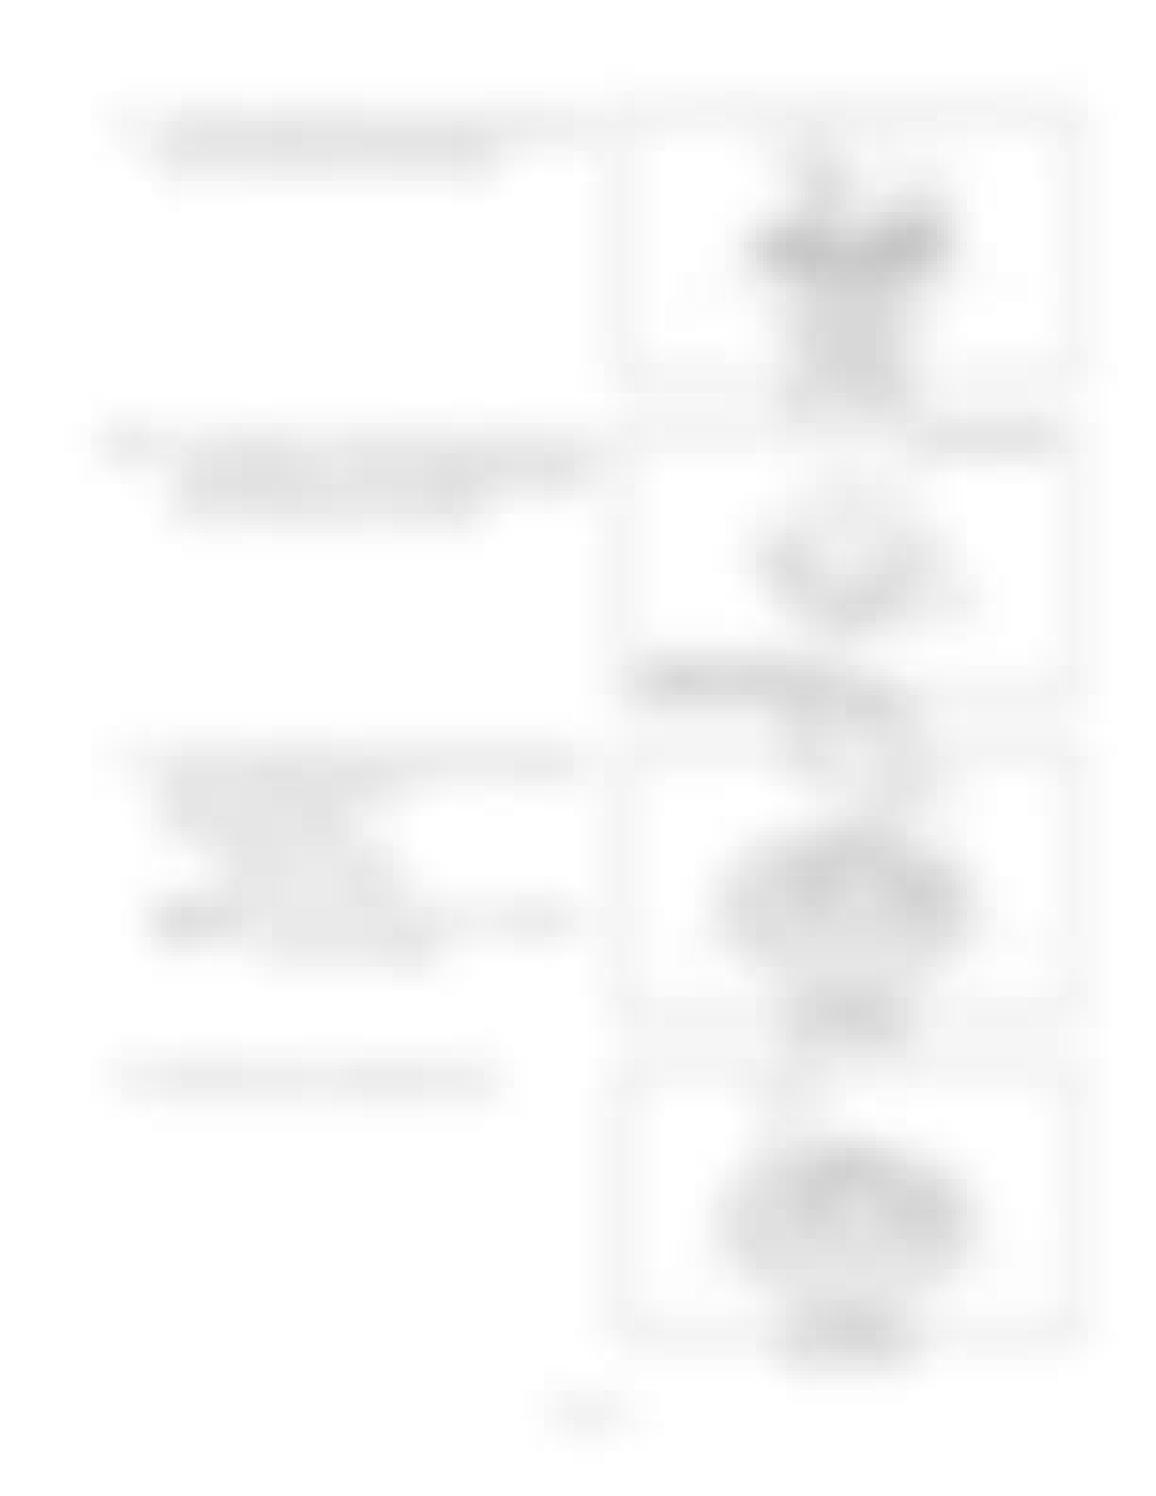 Hitachi LX110-7 LX130-7 LX160-7 LX190-7 LX230-7 Wheel Loader Workshop Manual - PDF DOWNLOAD page 59